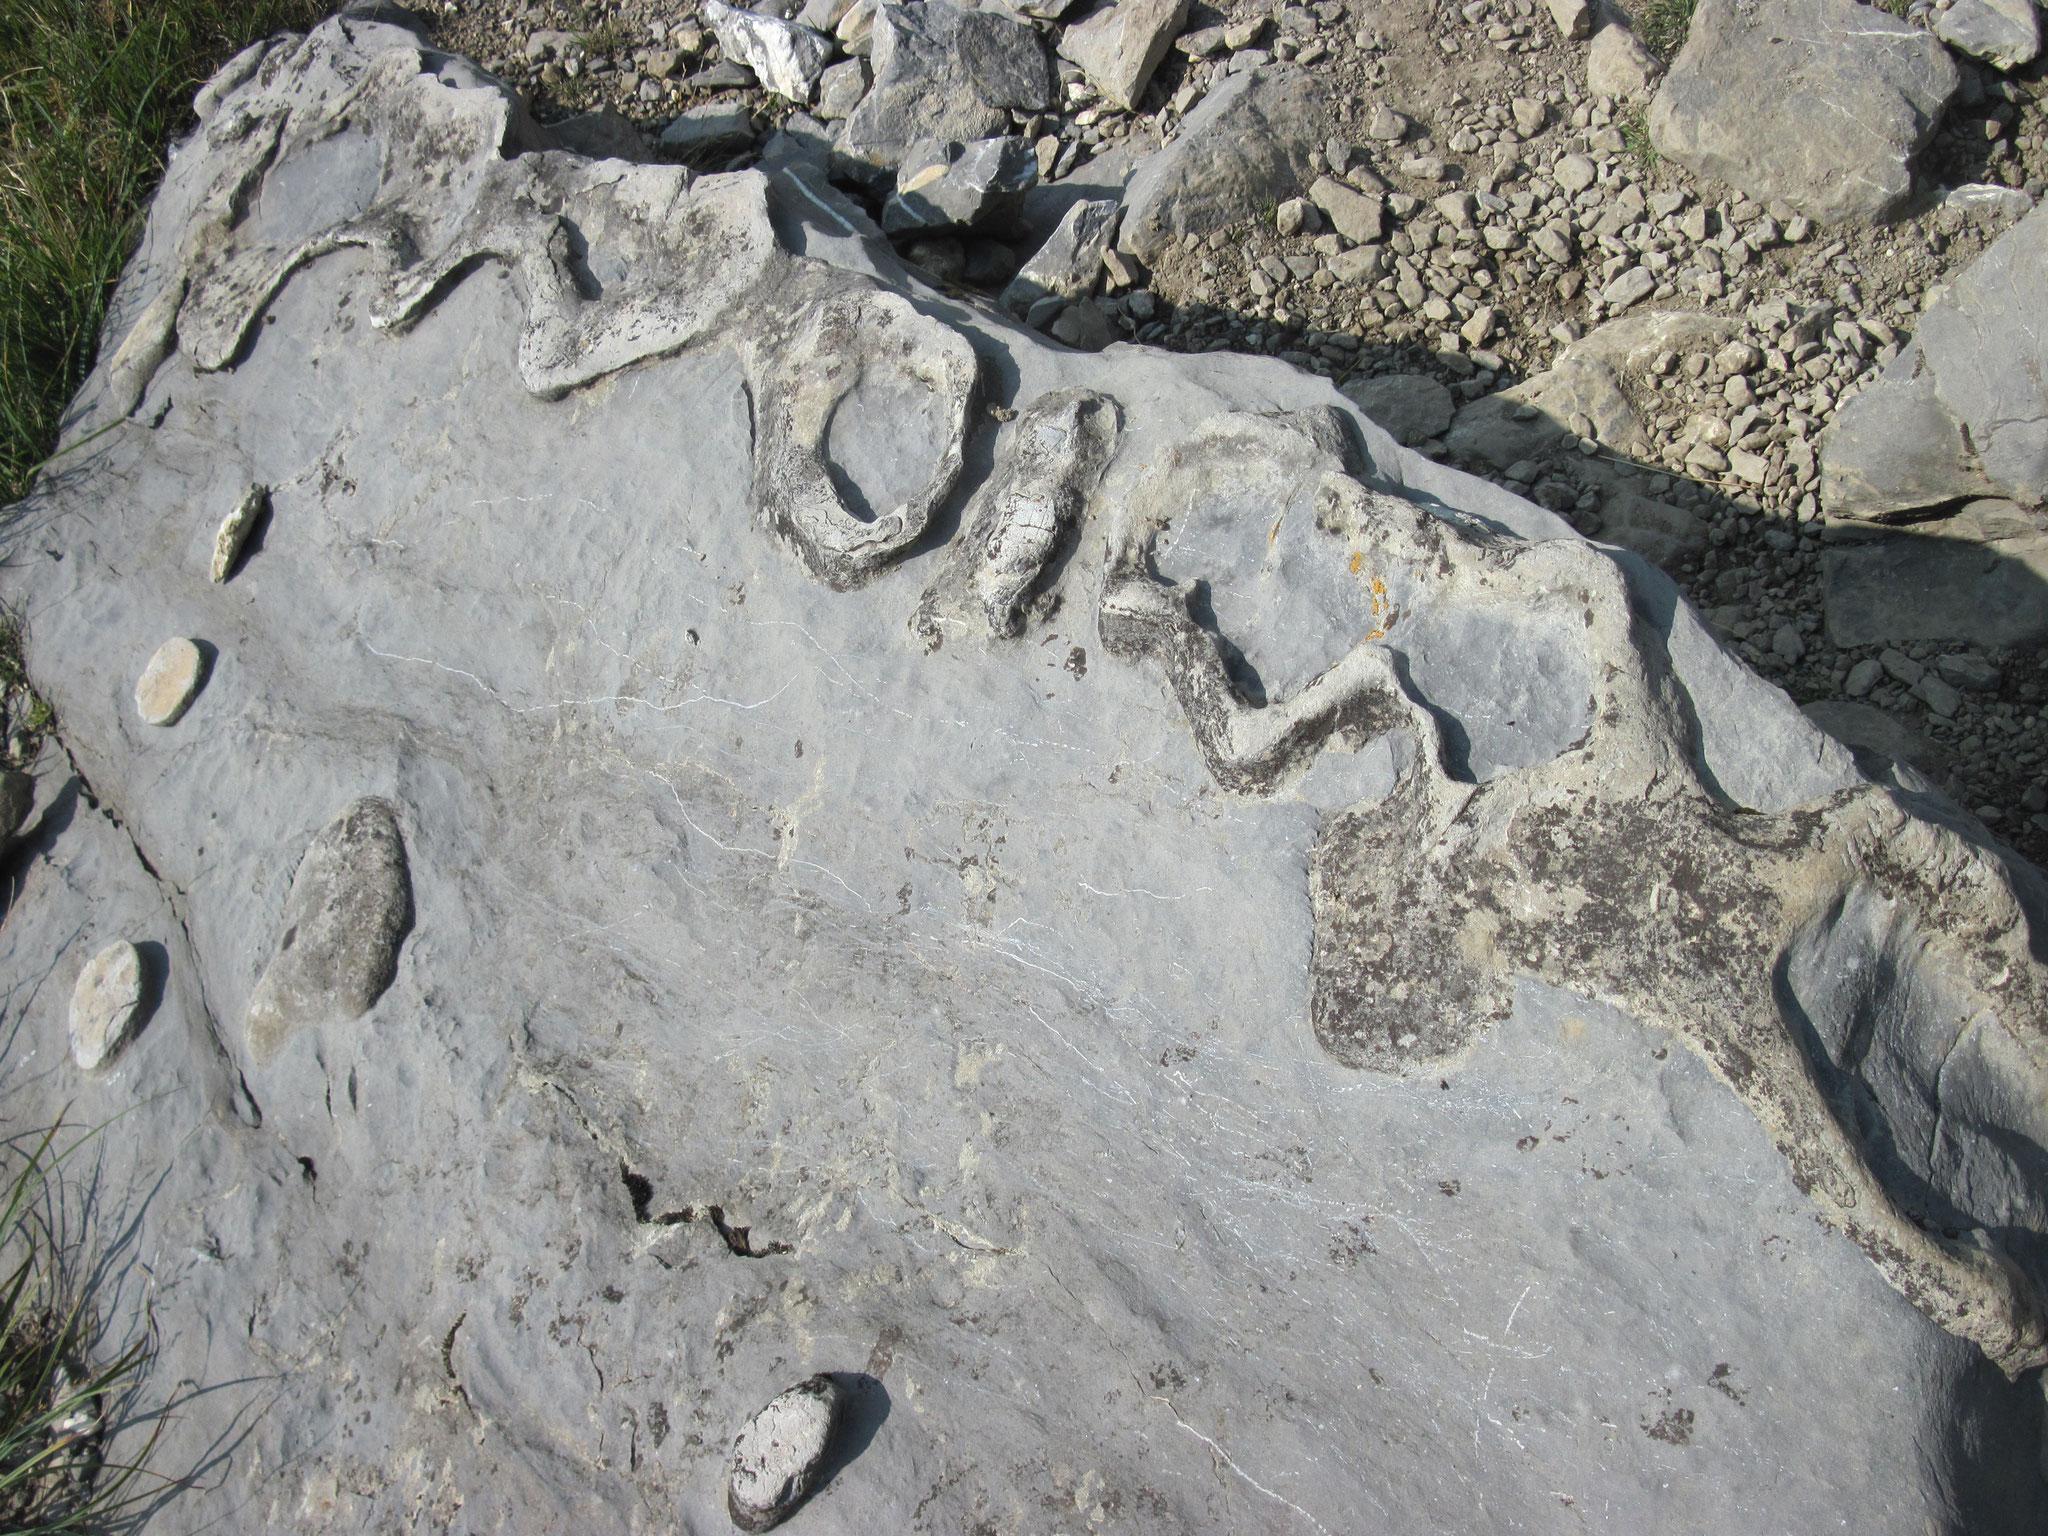 Wieder einmal interessante Steine gefunden